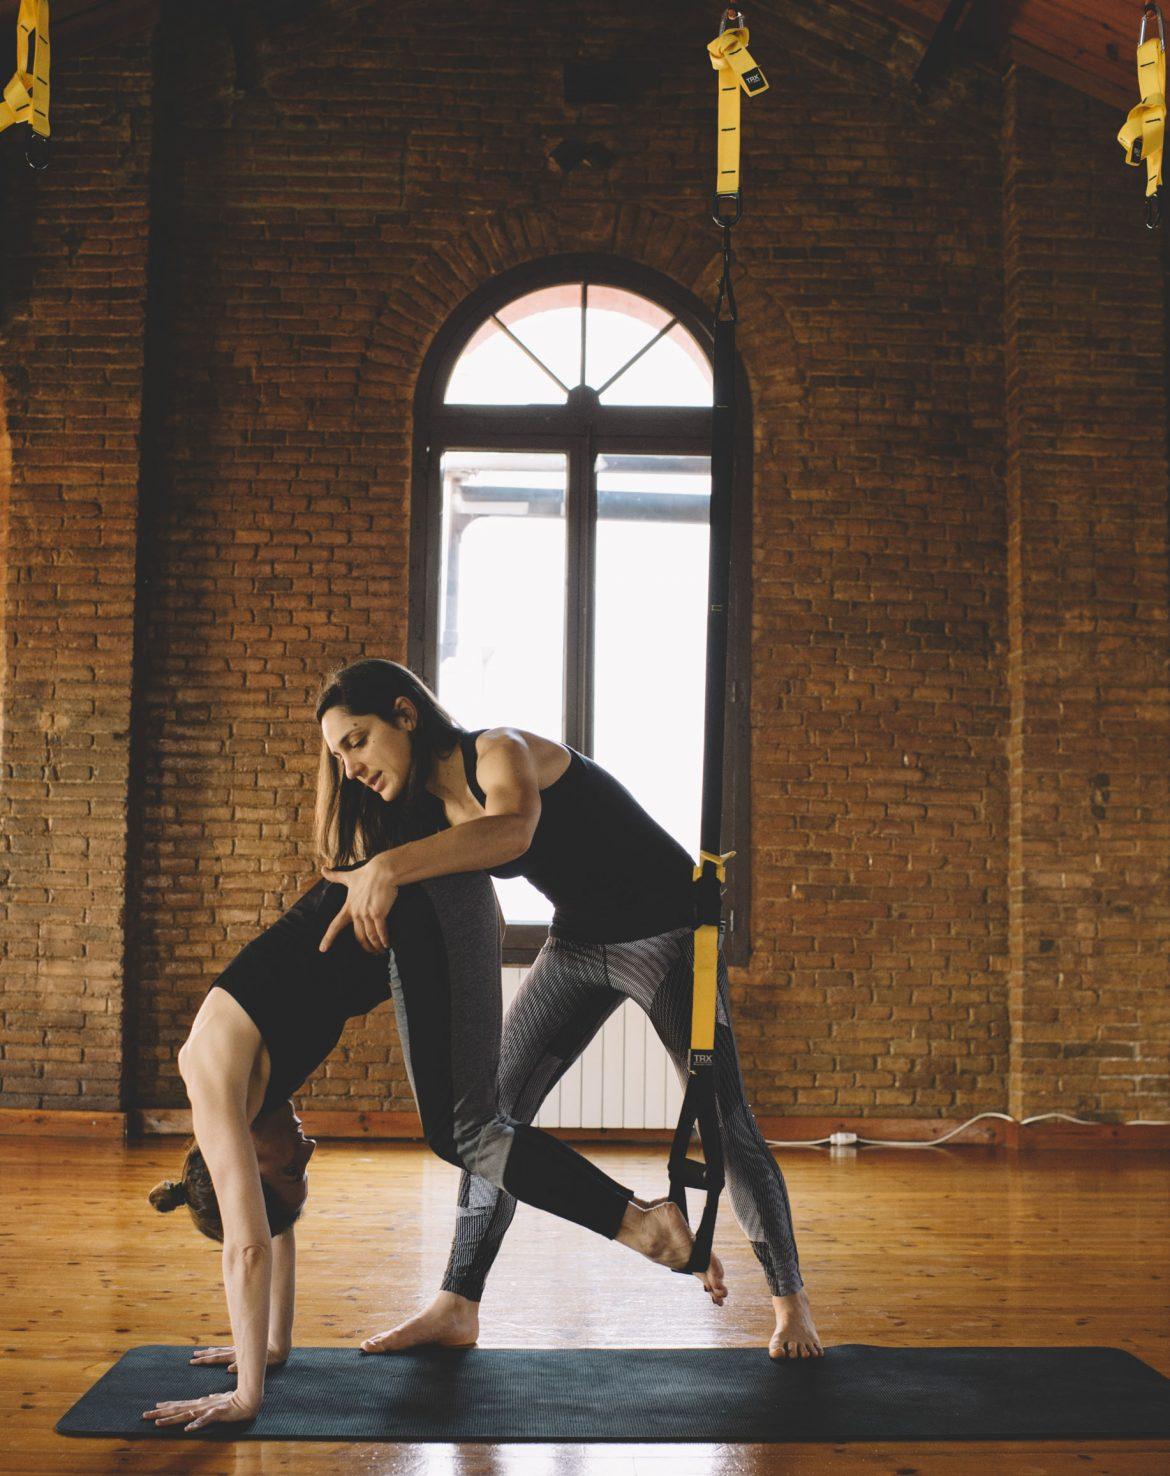 chica y profesora practicando yoga